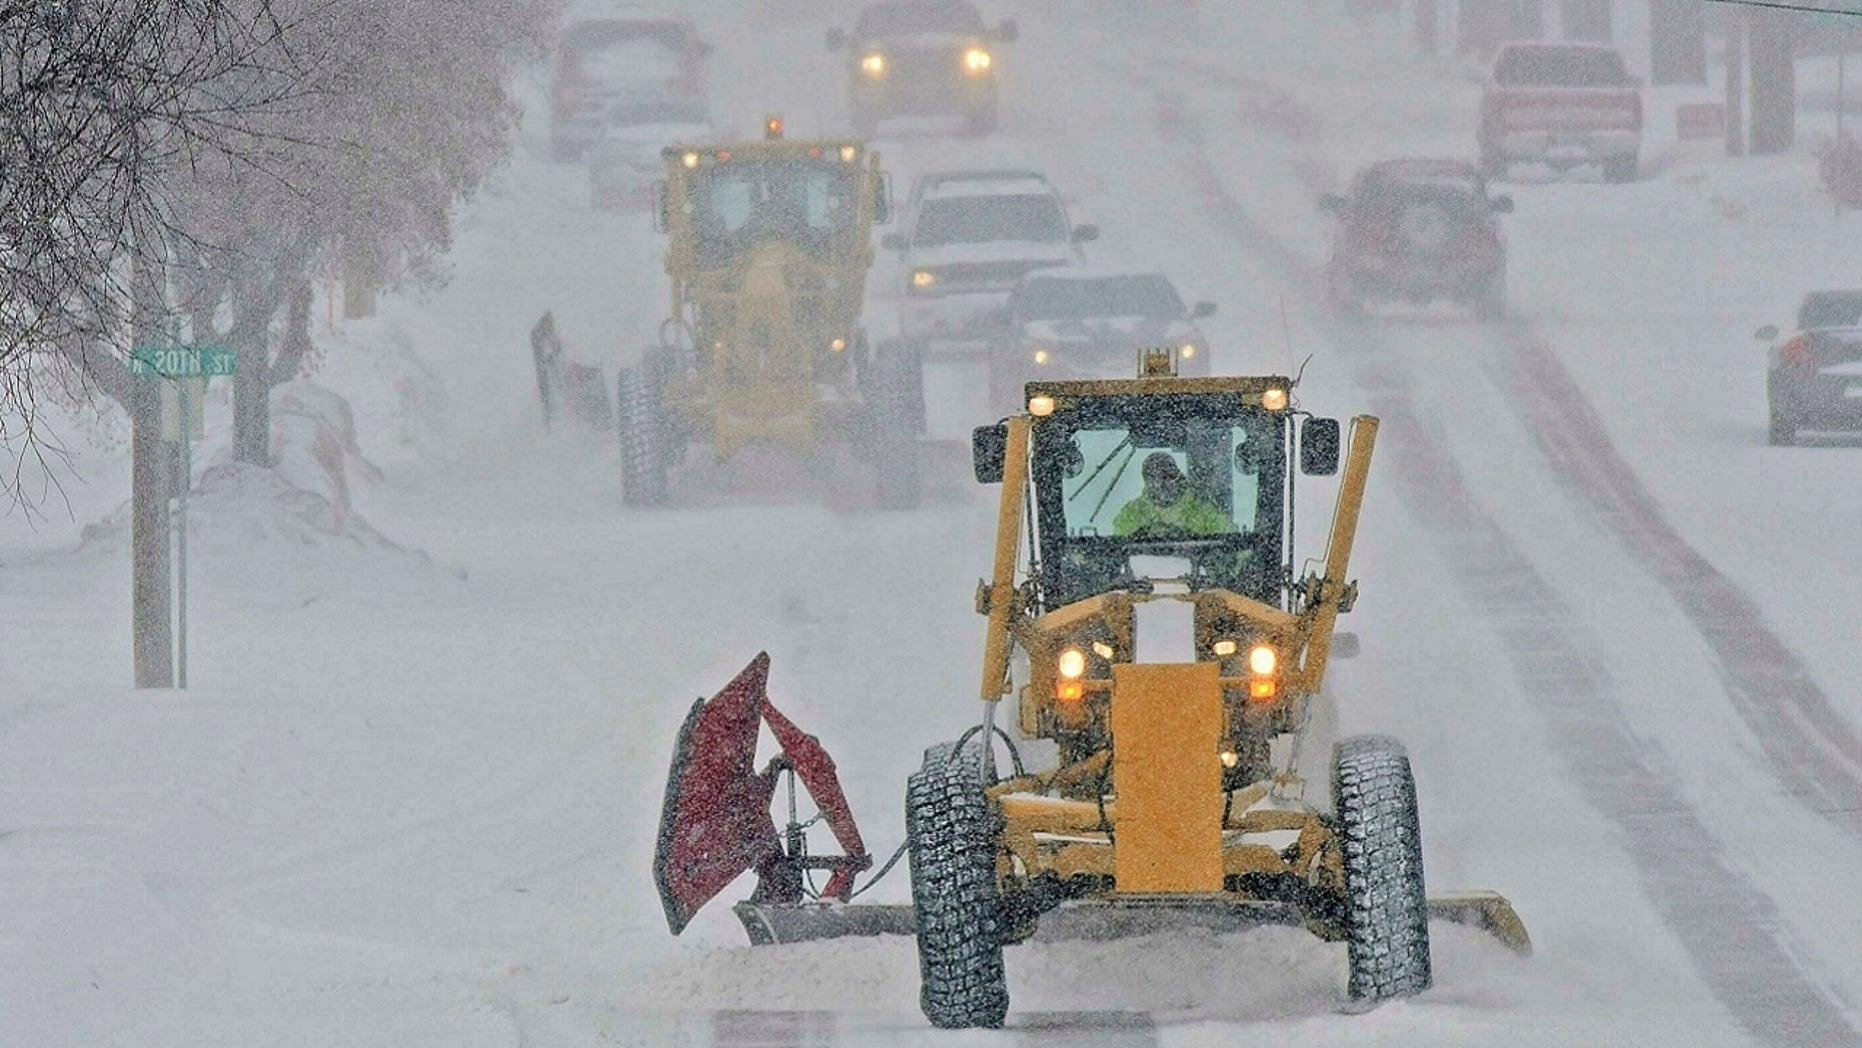 Motor graders plow Rosser Avenue as snow falls, Friday, Jan. 18, 2019, in Bismarck, N.D.